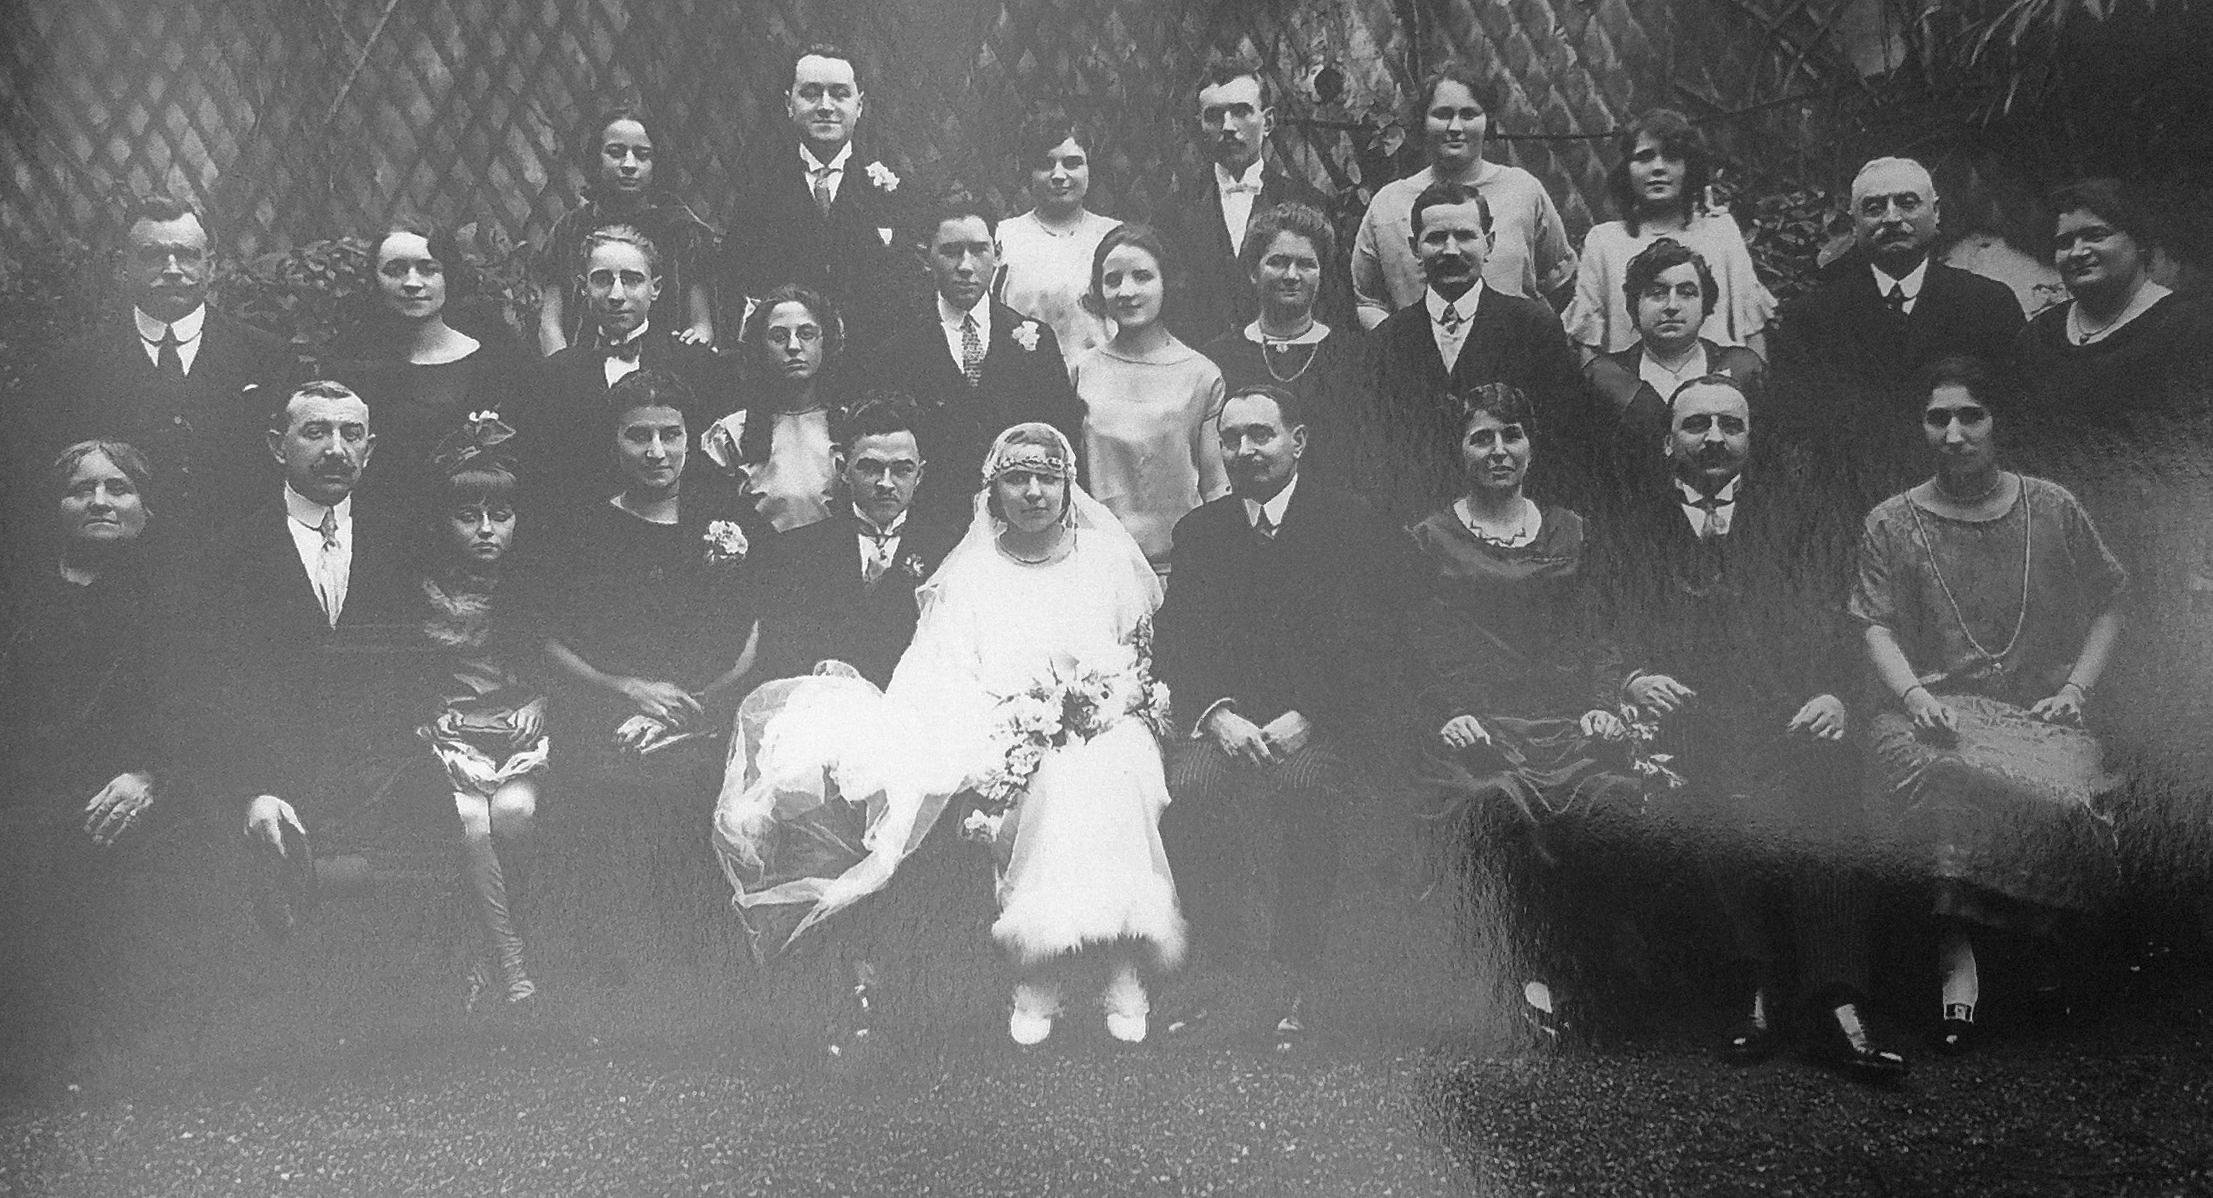 Mariage de mes grands parents René Lenoir et Jeanne Pivet en 1925